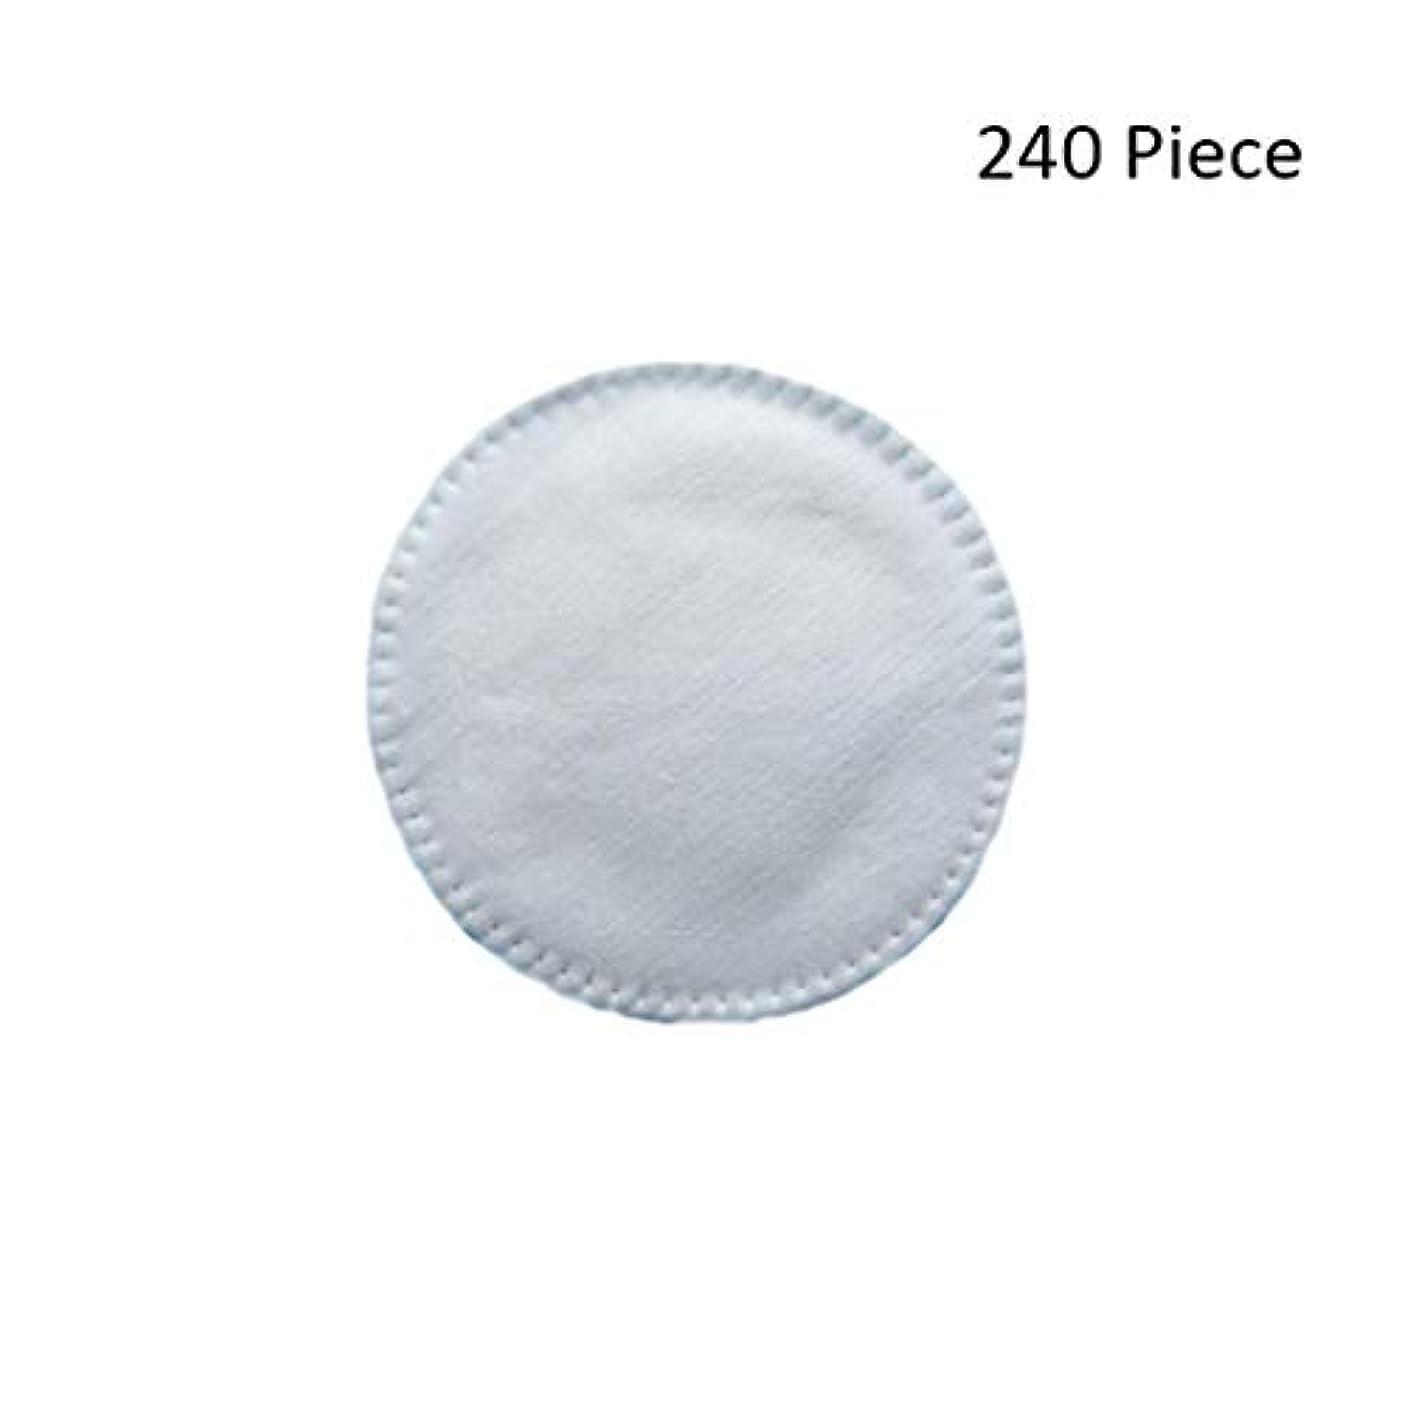 なめらかな正規化復活化粧パッド 240ピースコットンフェイスメイク落としコットンフェイスワイプディープクレンジングコットン竹繊維スキンケアフェイスウォッシュ化粧品ツール メイク落とし化粧パッド (Color : White)